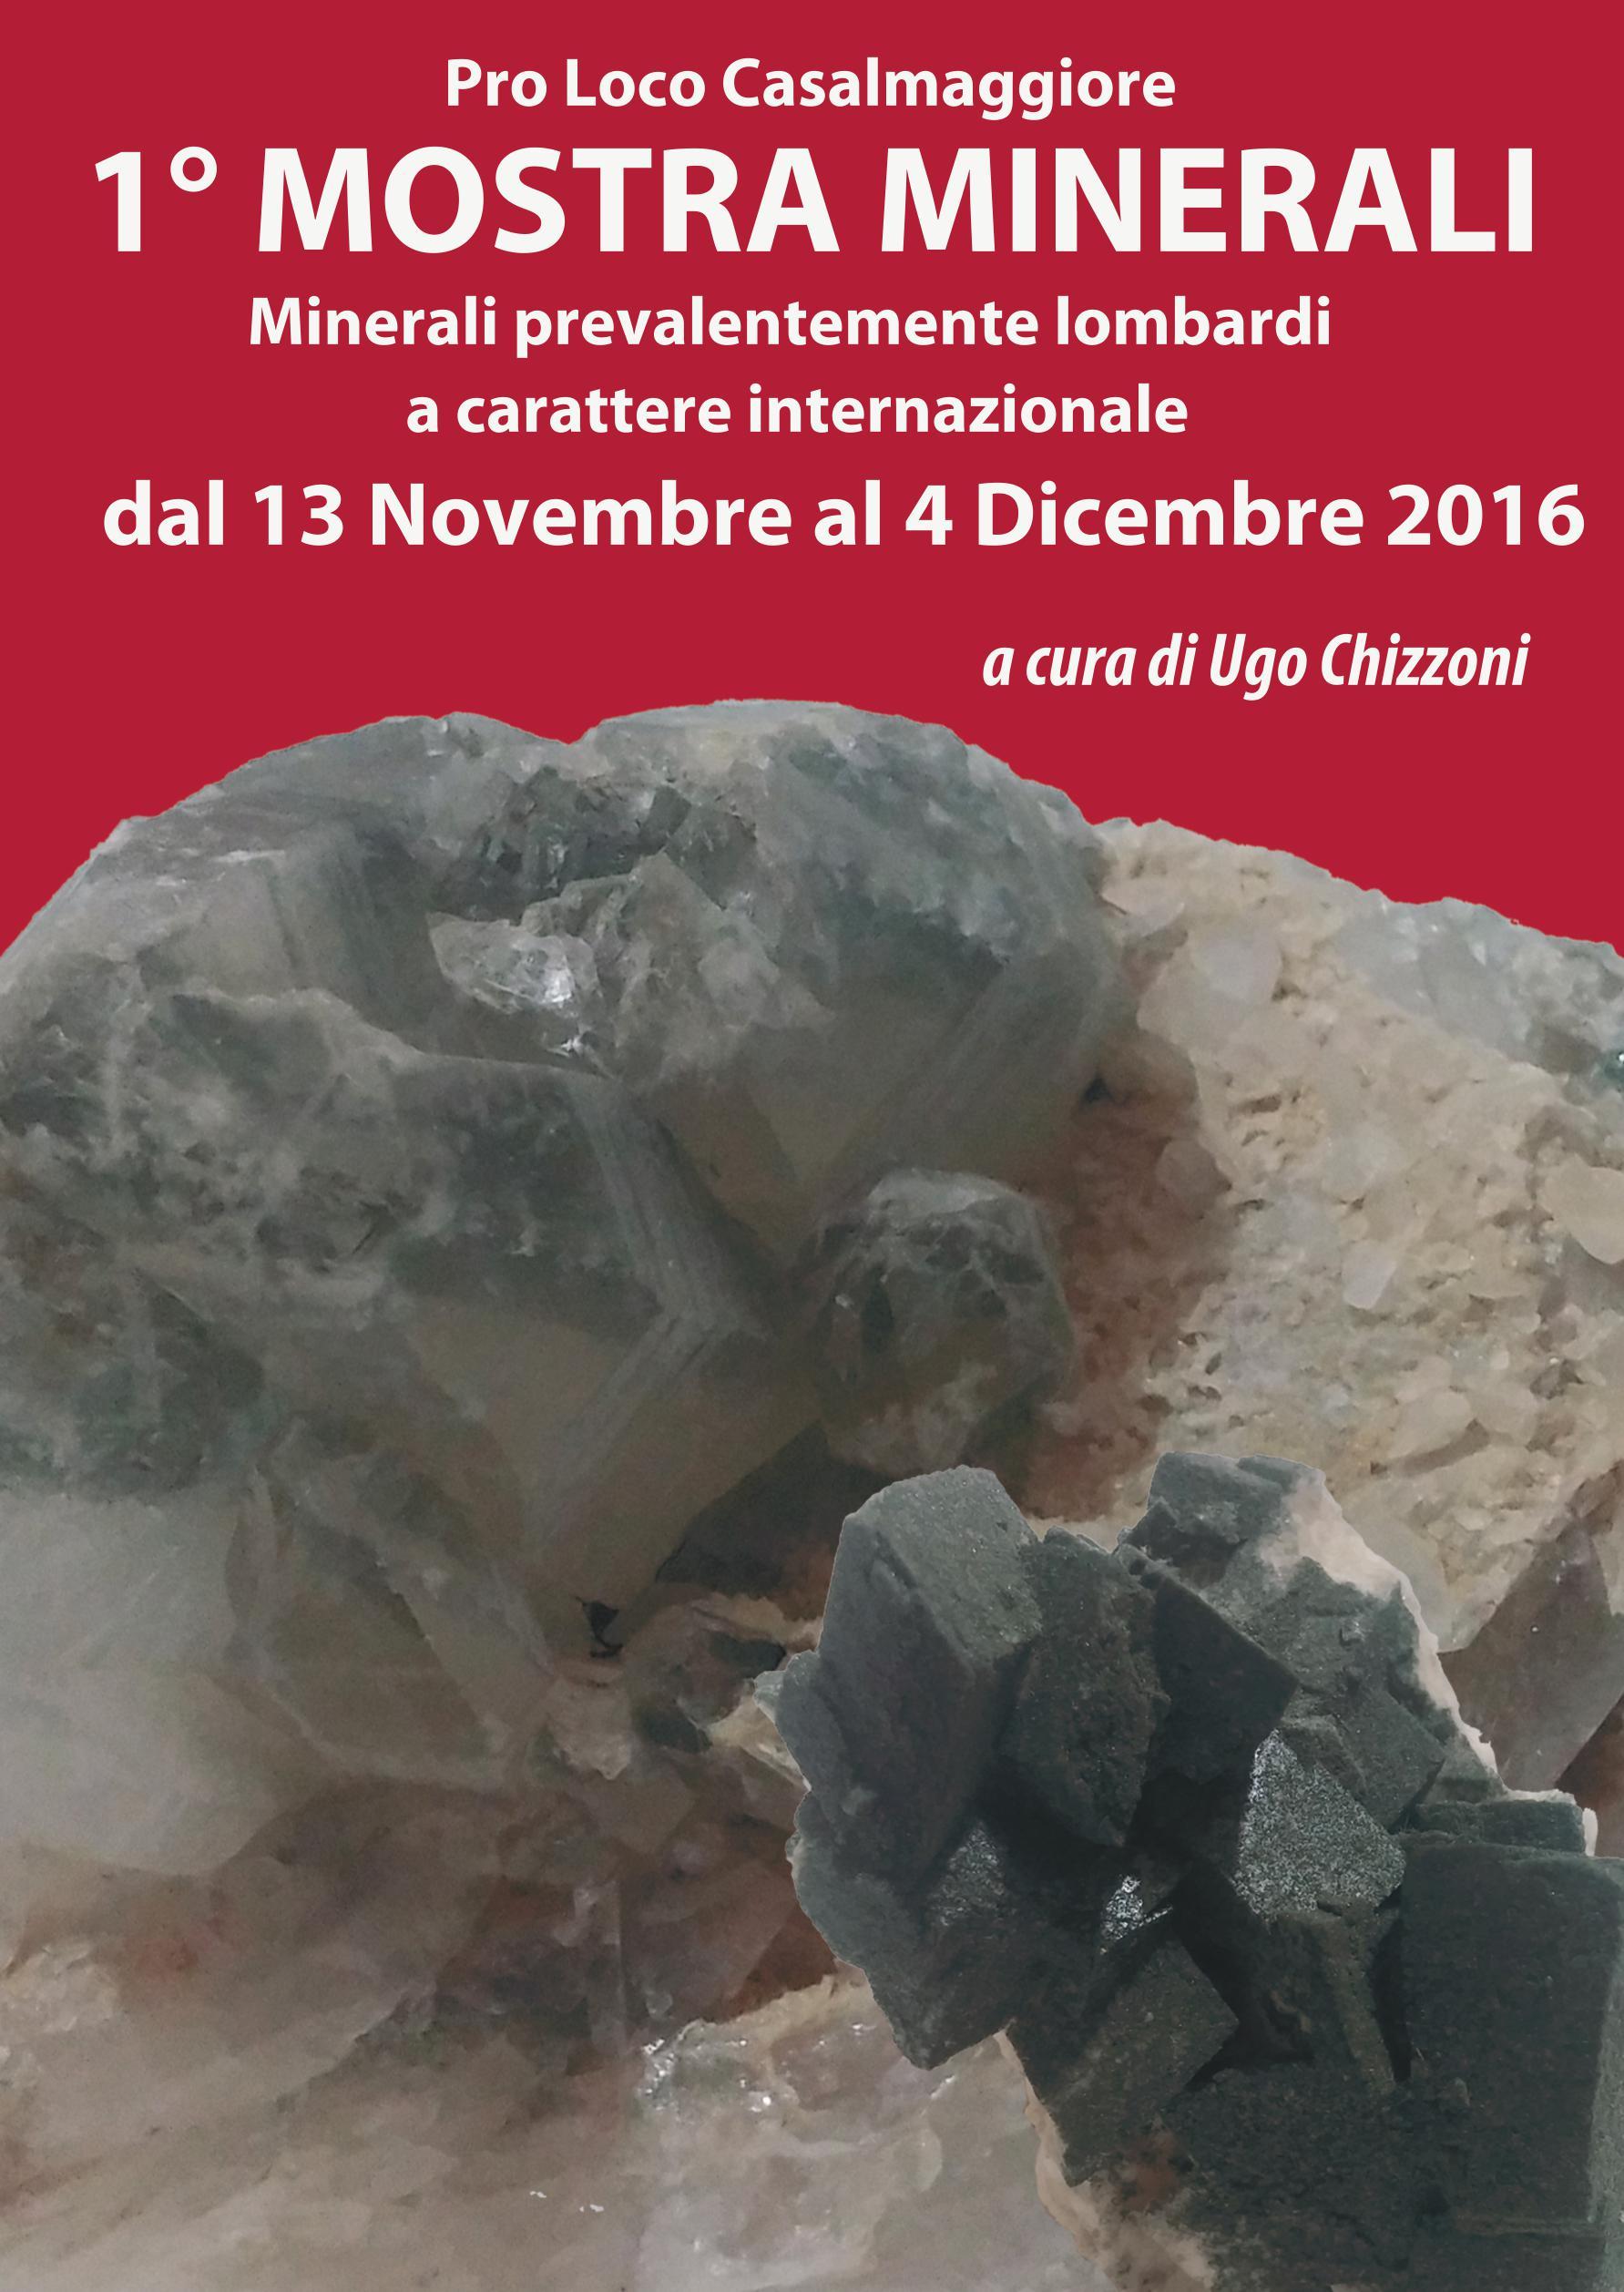 Mostra Minerali lombardi ed internazionali – Pro Loco